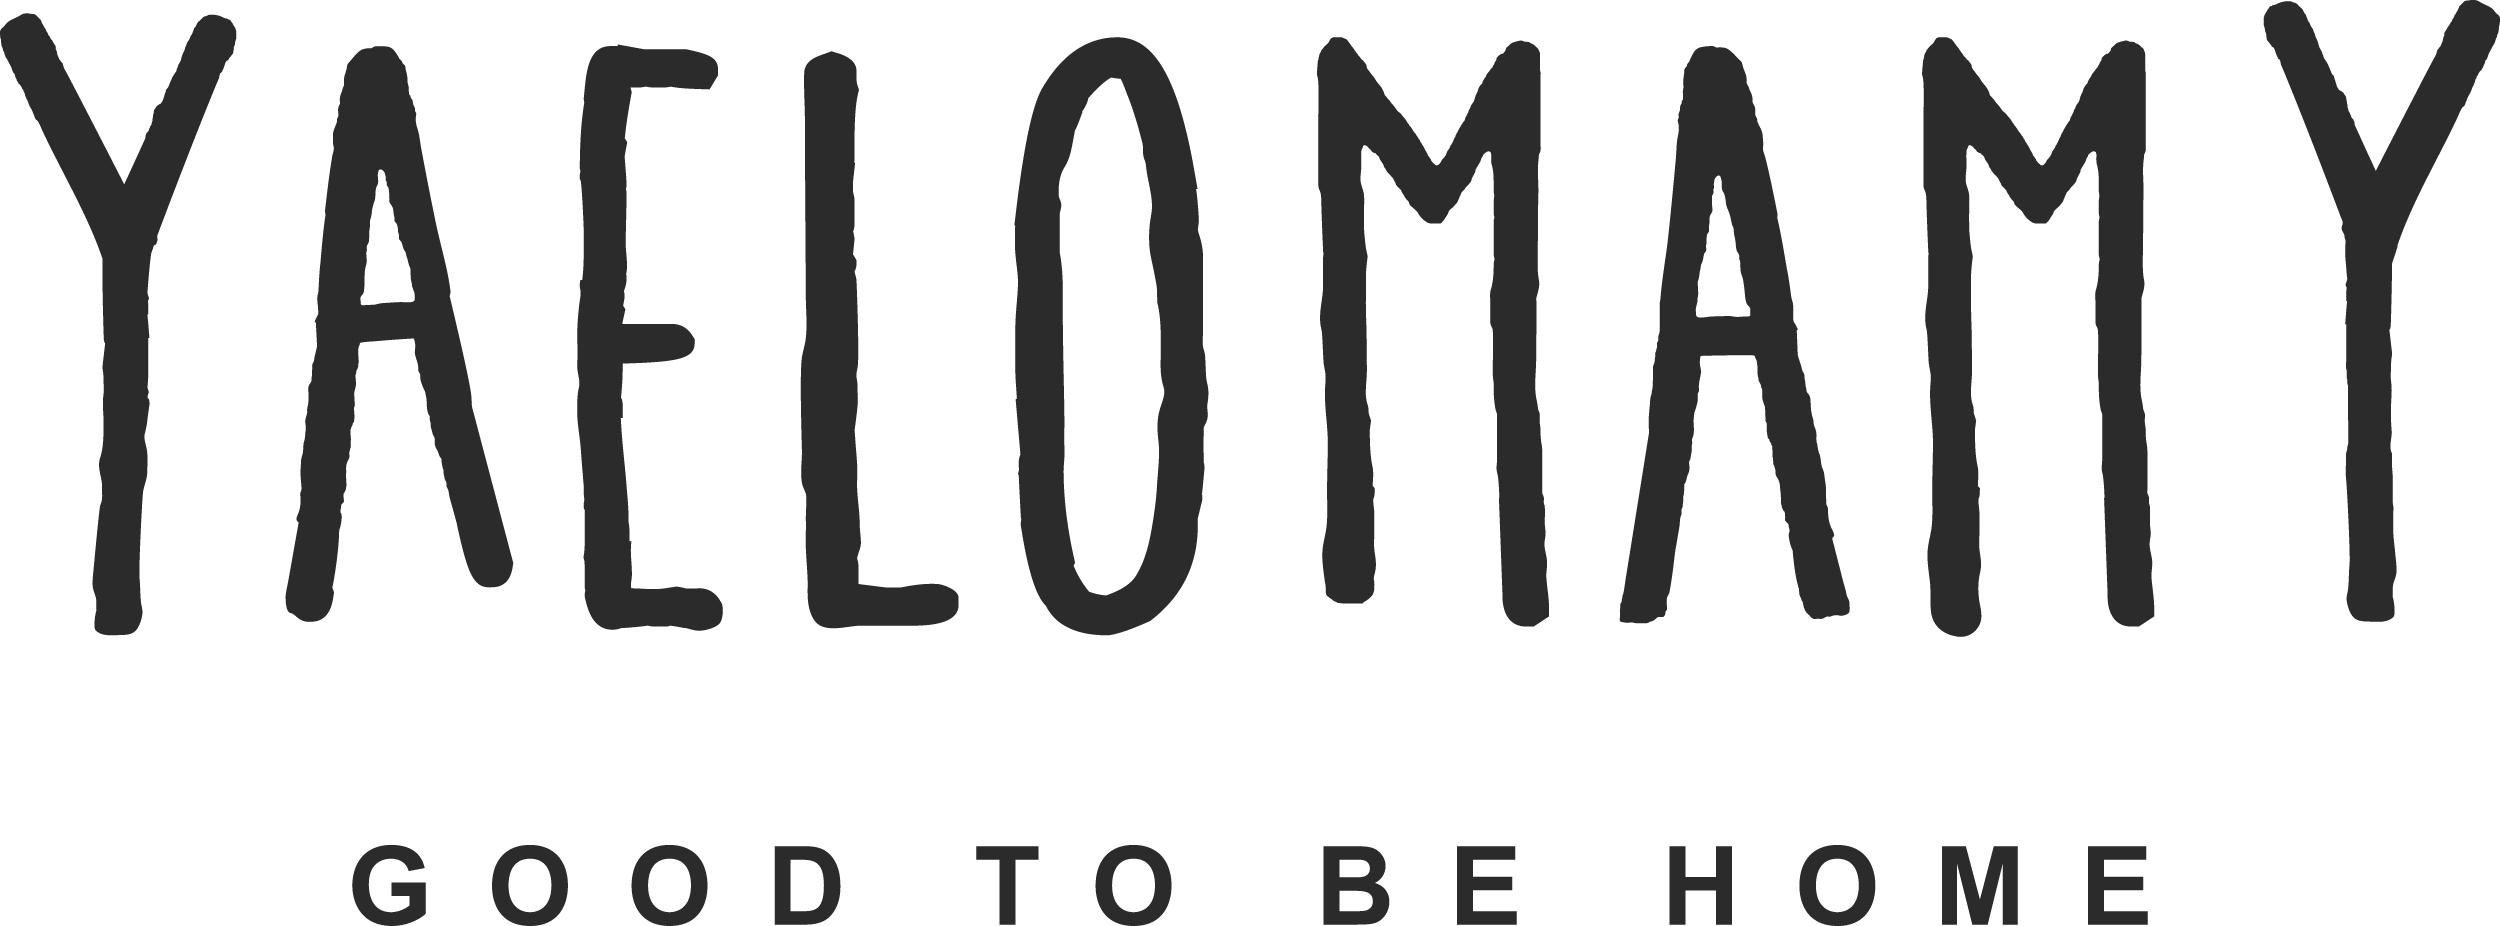 YAELOMAMY